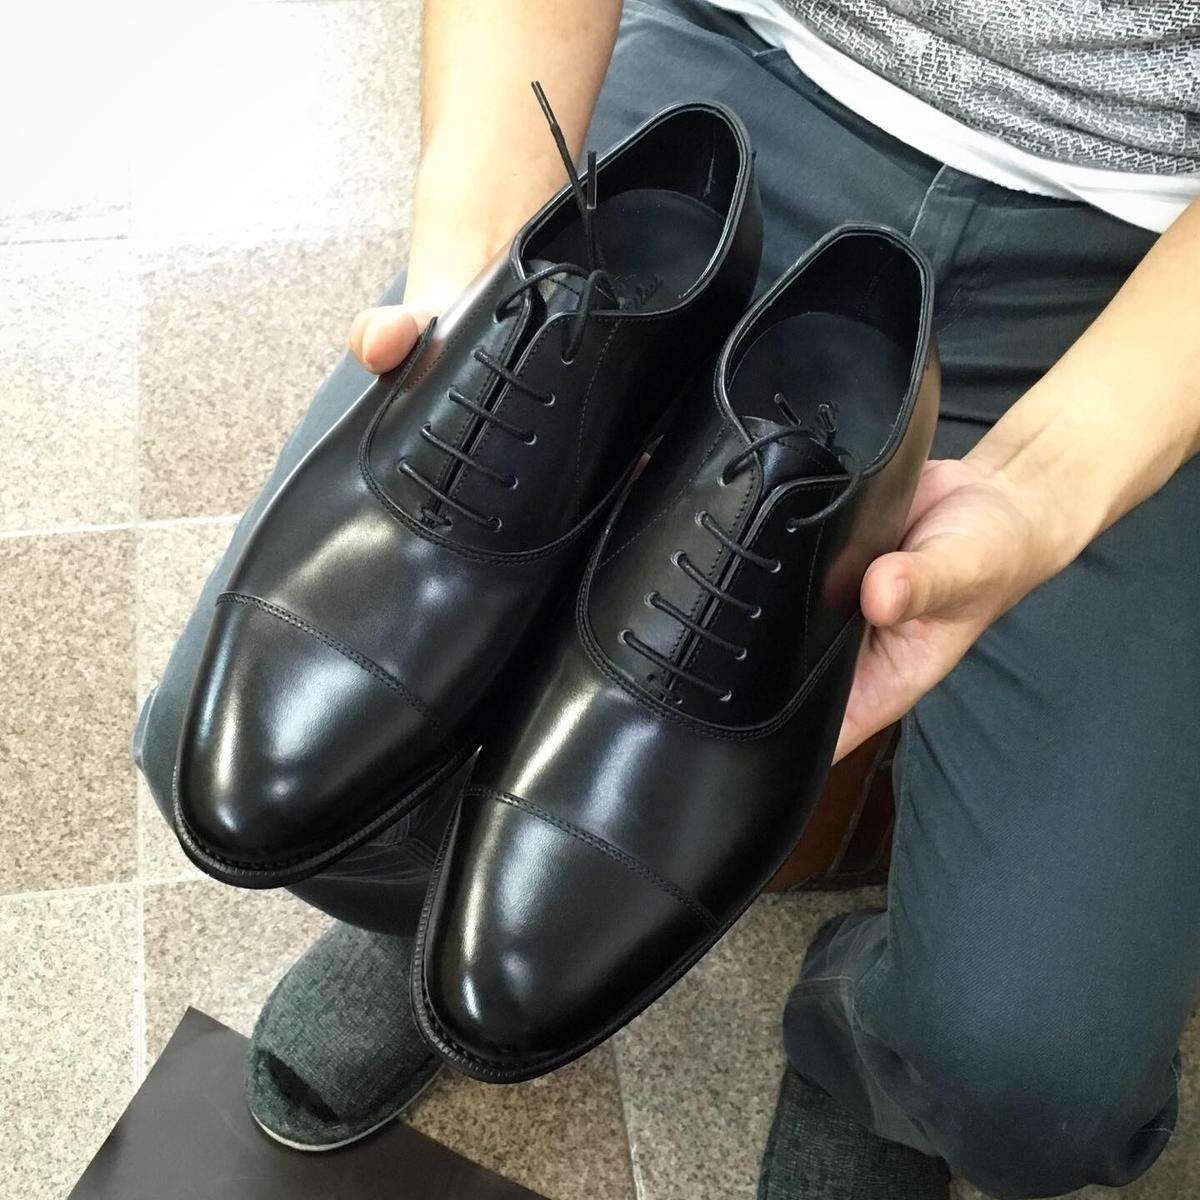 f:id:raymar-shoes:20190716220946j:plain